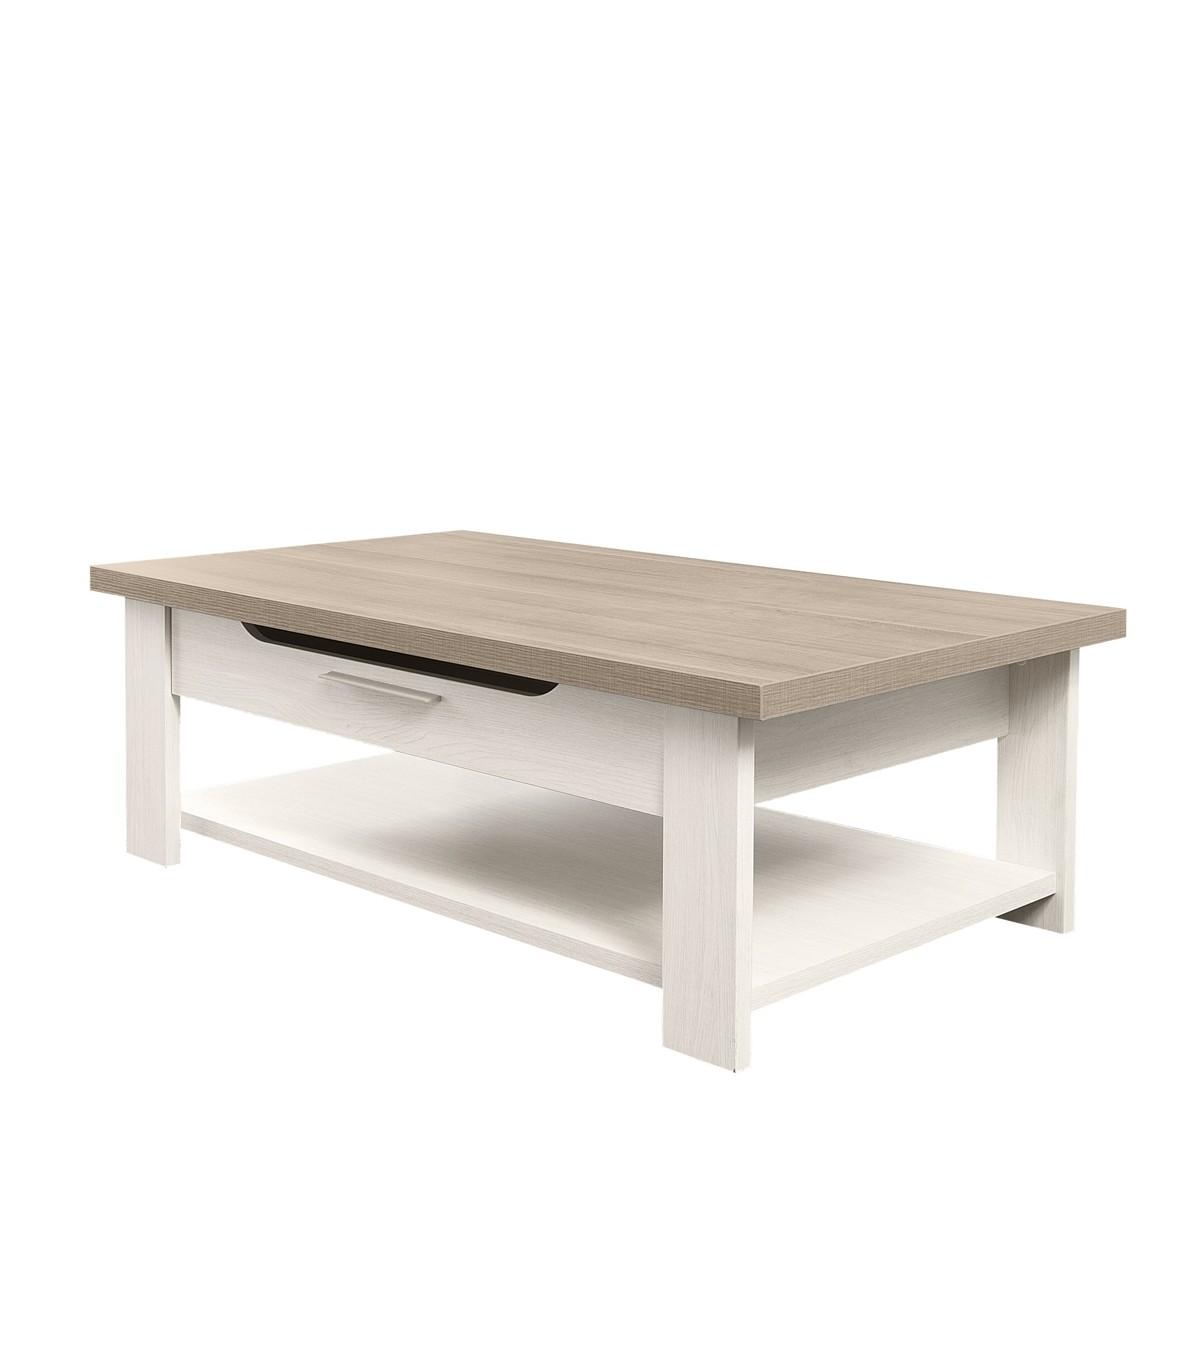 Table basse avec 1 tiroir et 1 tablette de rangement - Blanc